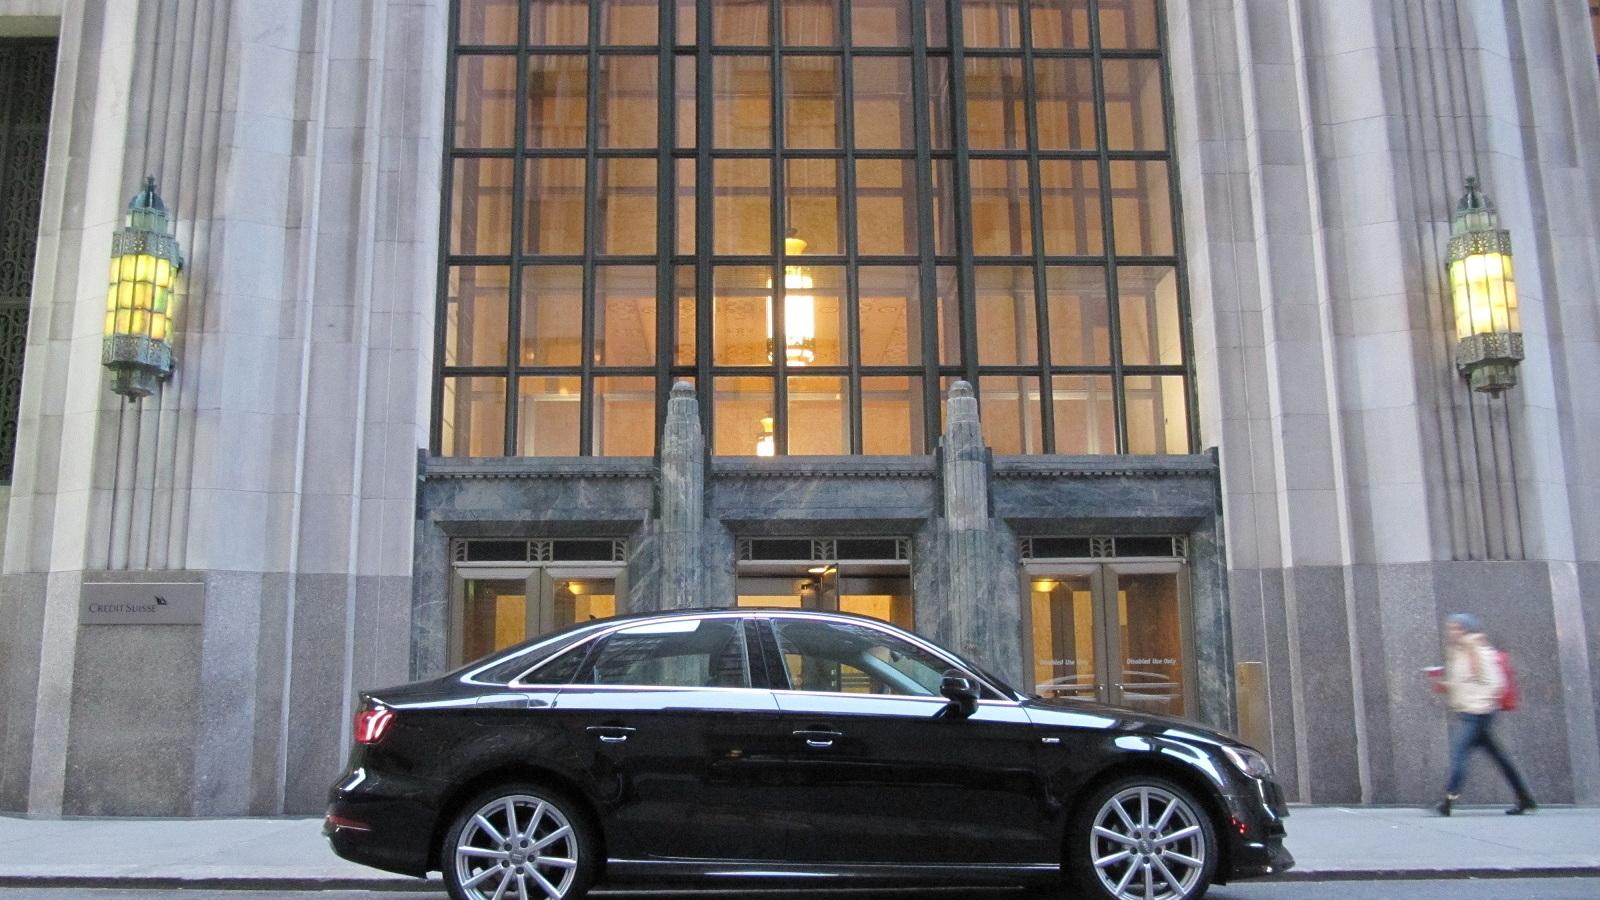 2015 Audi A3 TDI, New York City, Nov 2014